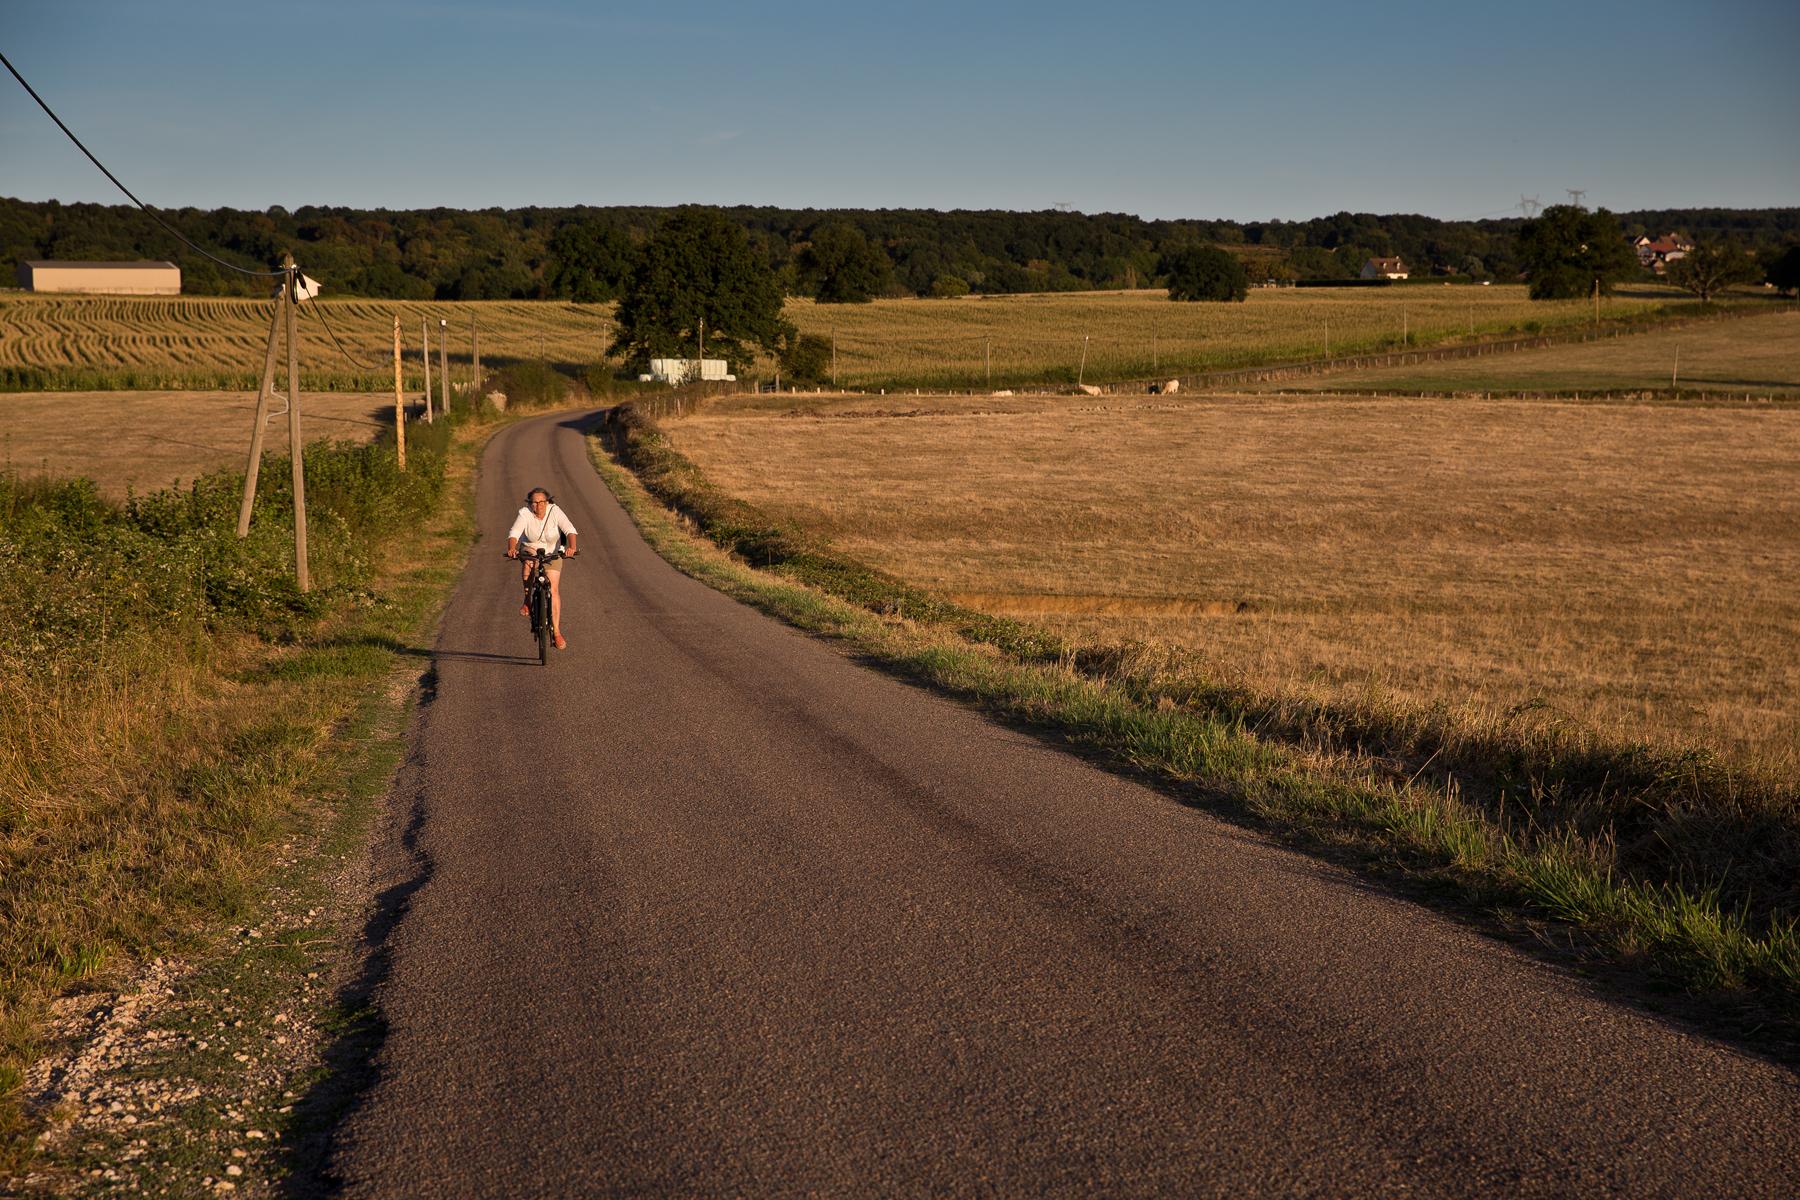 Landschaft mit Radfahrerin